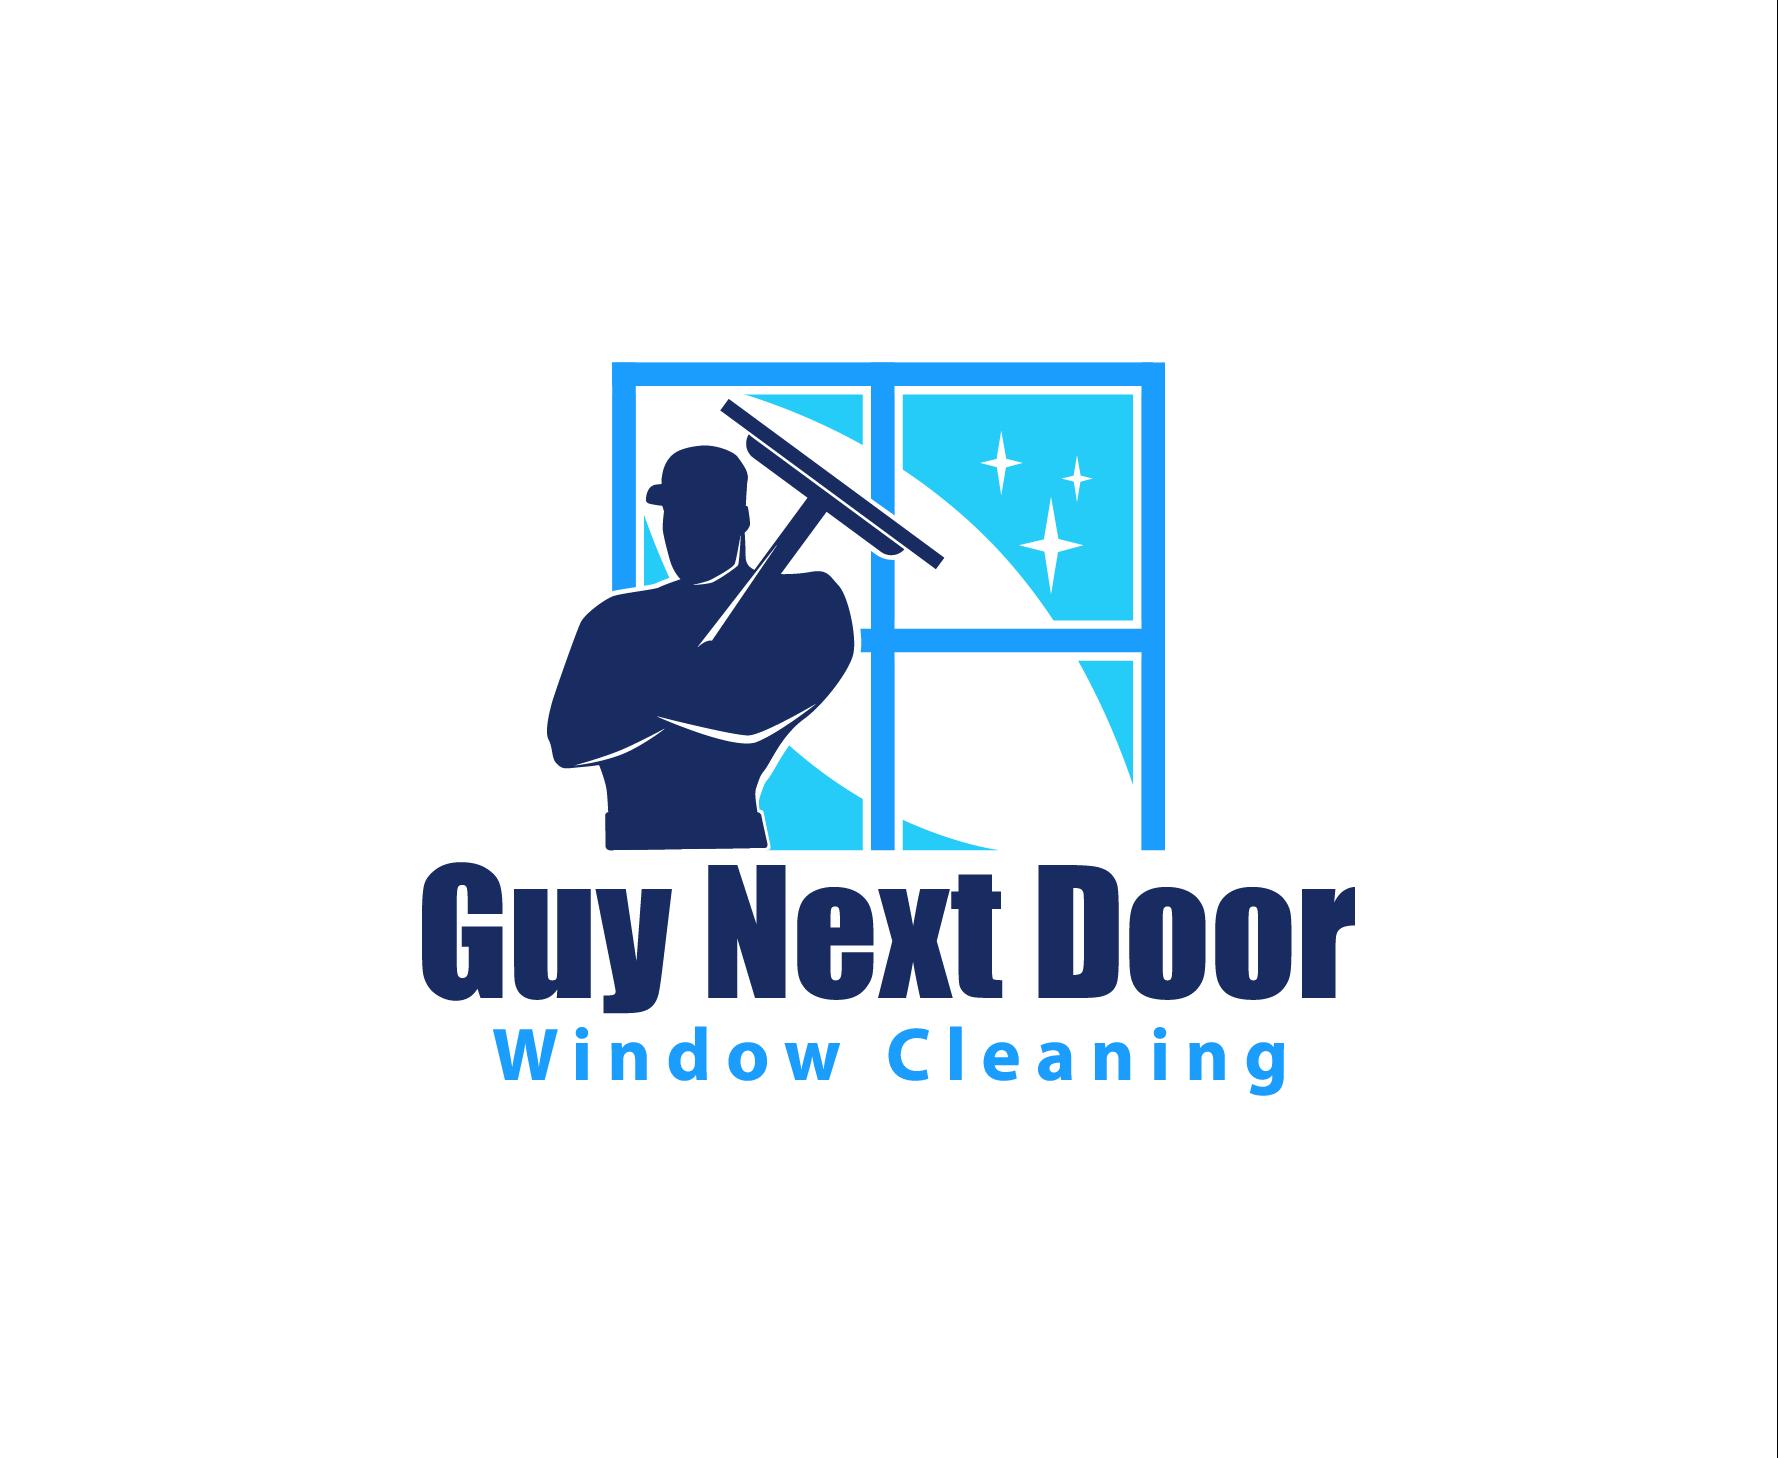 guy next door window